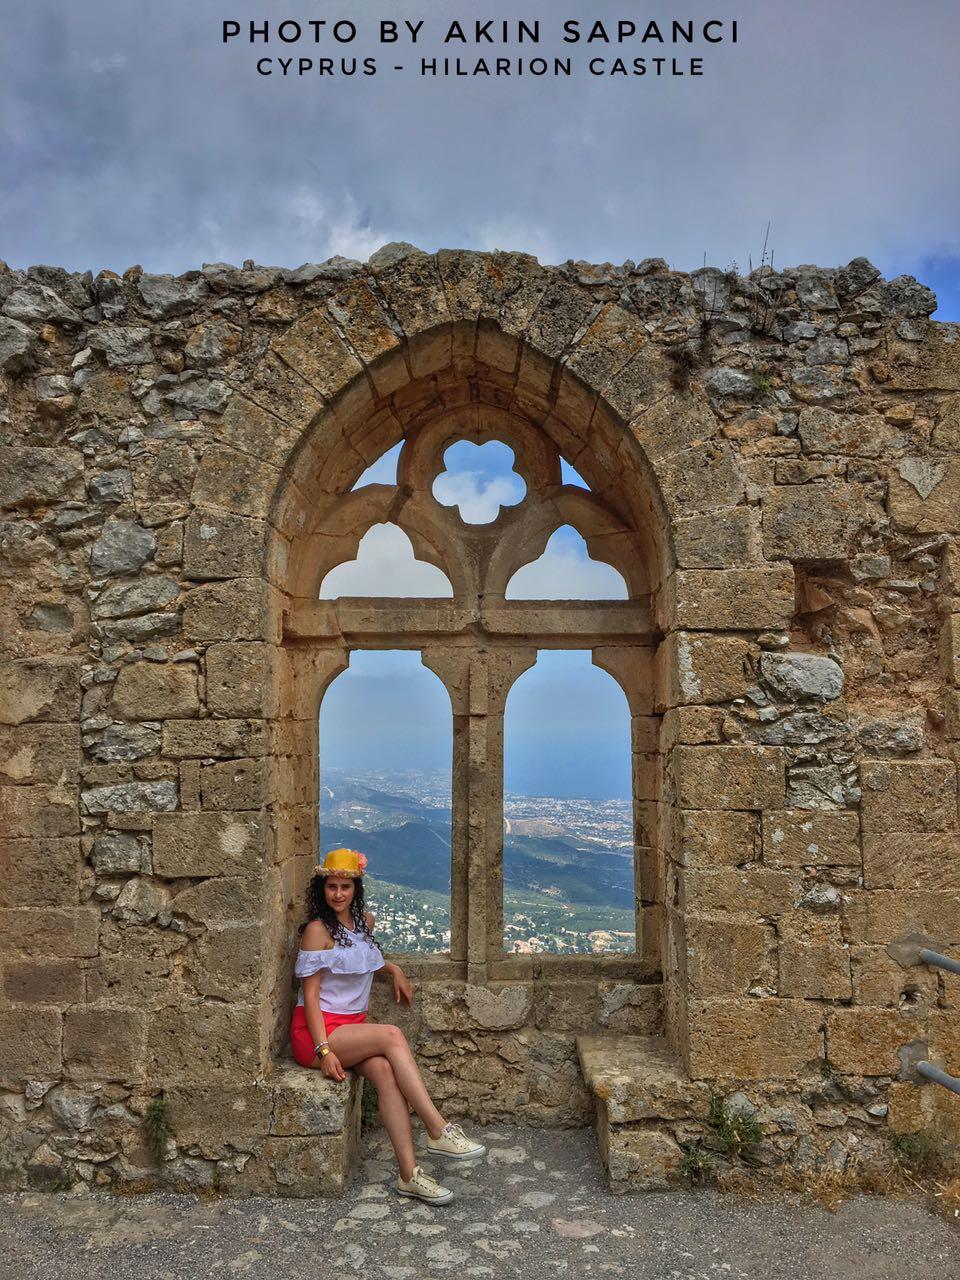 Kıbrıs Hilarion Kalesi